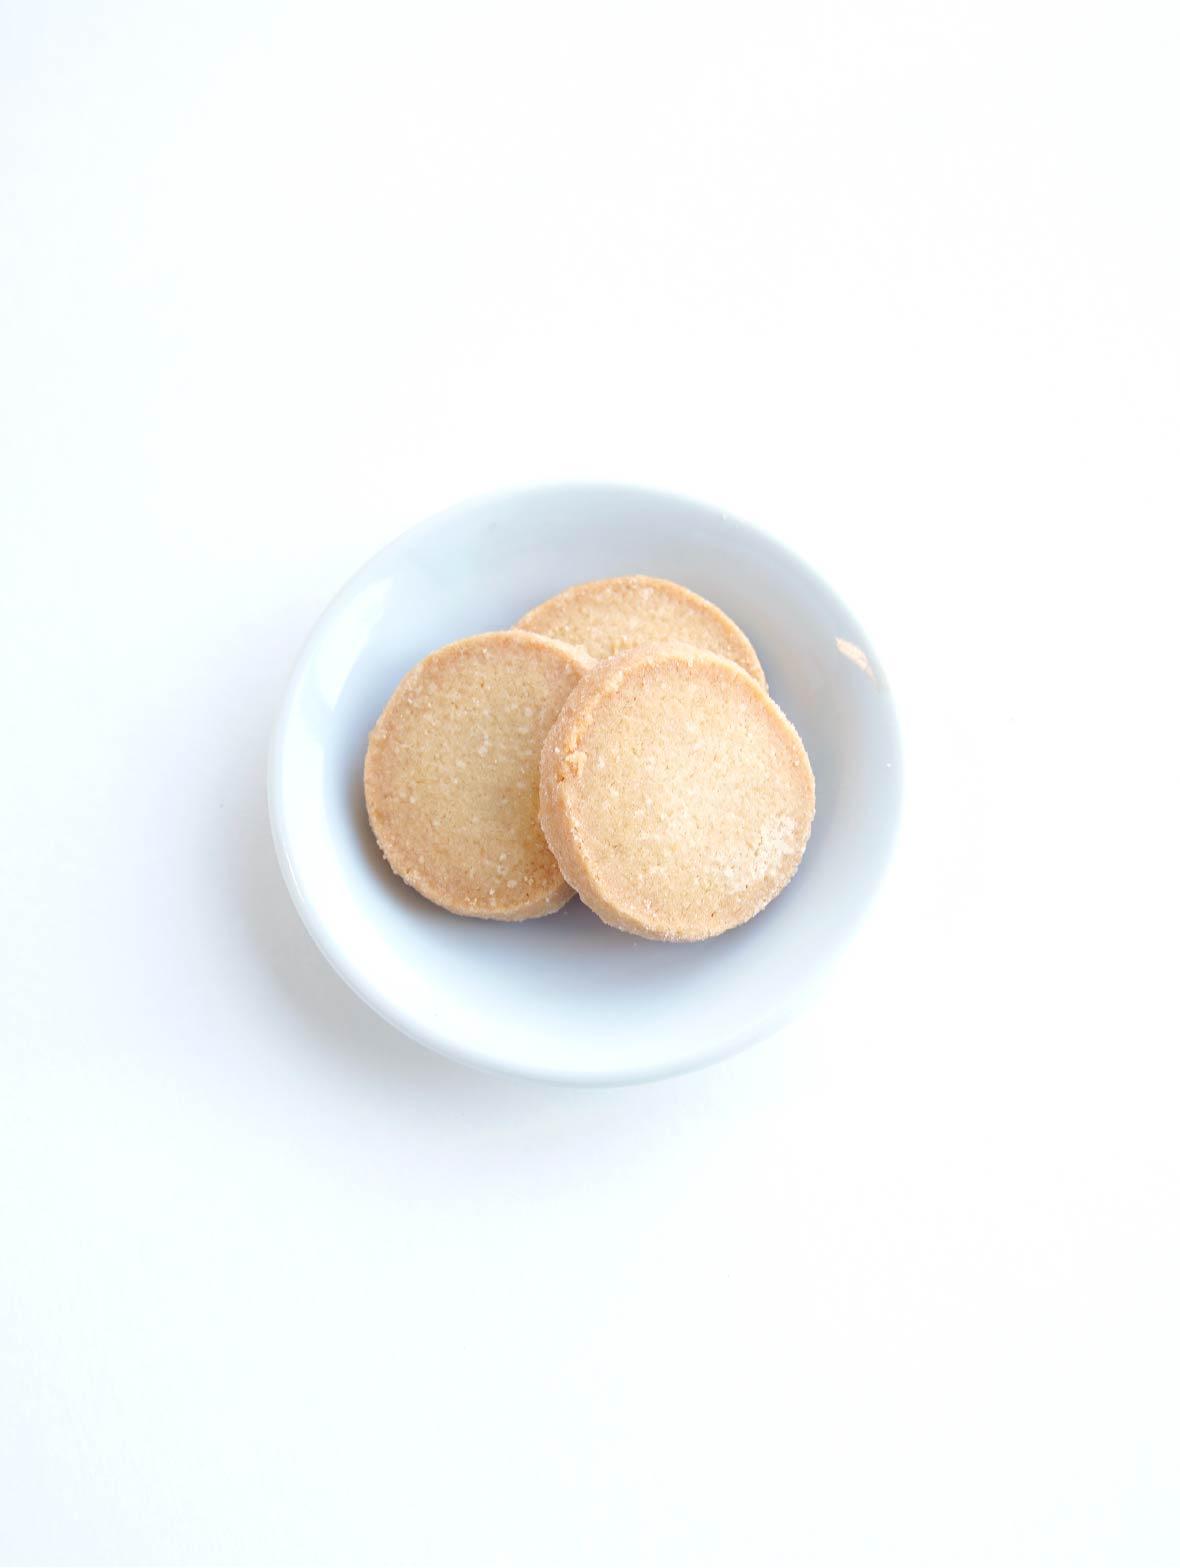 Fikaのためのクッキー(マイキーのバニラ)